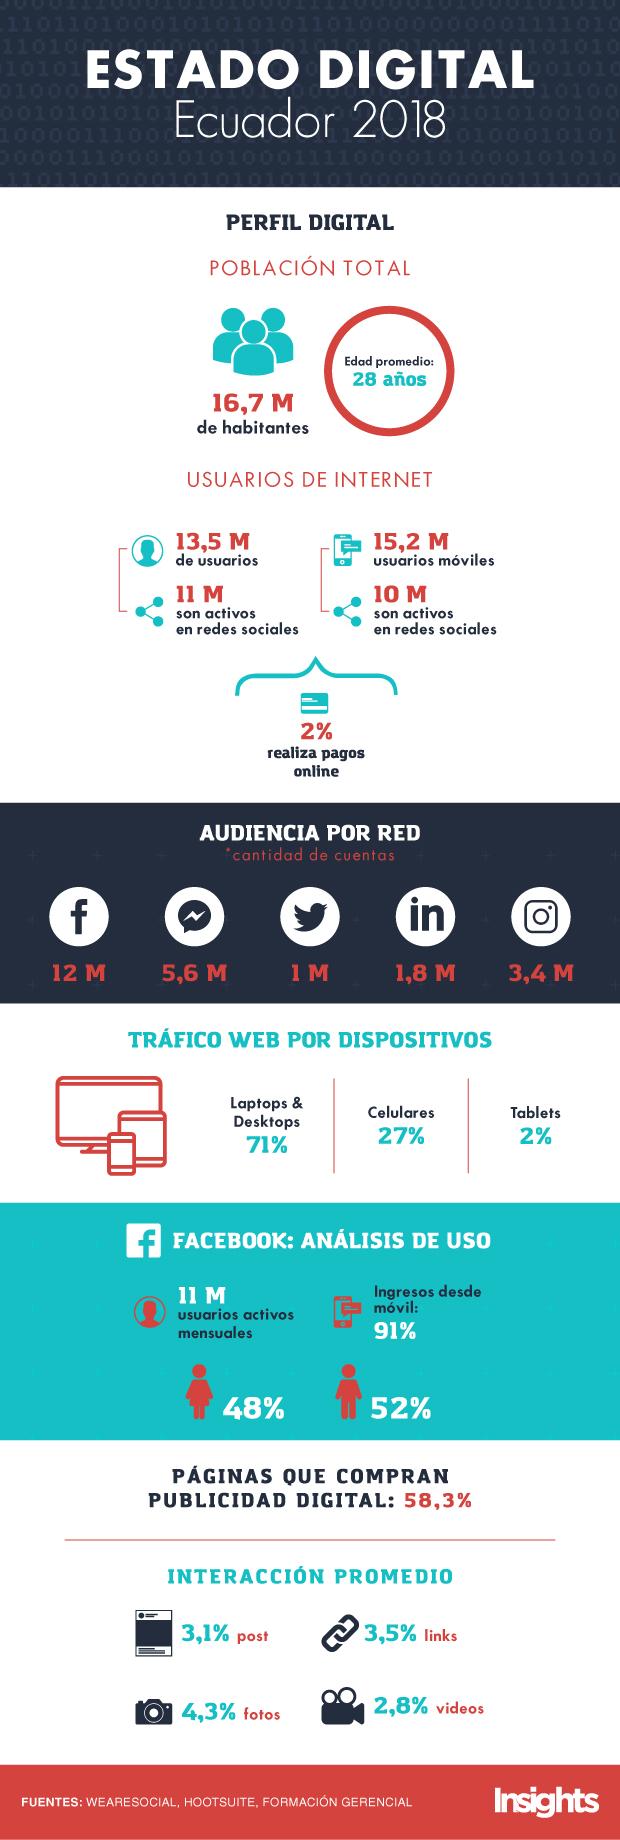 Estado-Digital-Ecuador-2018